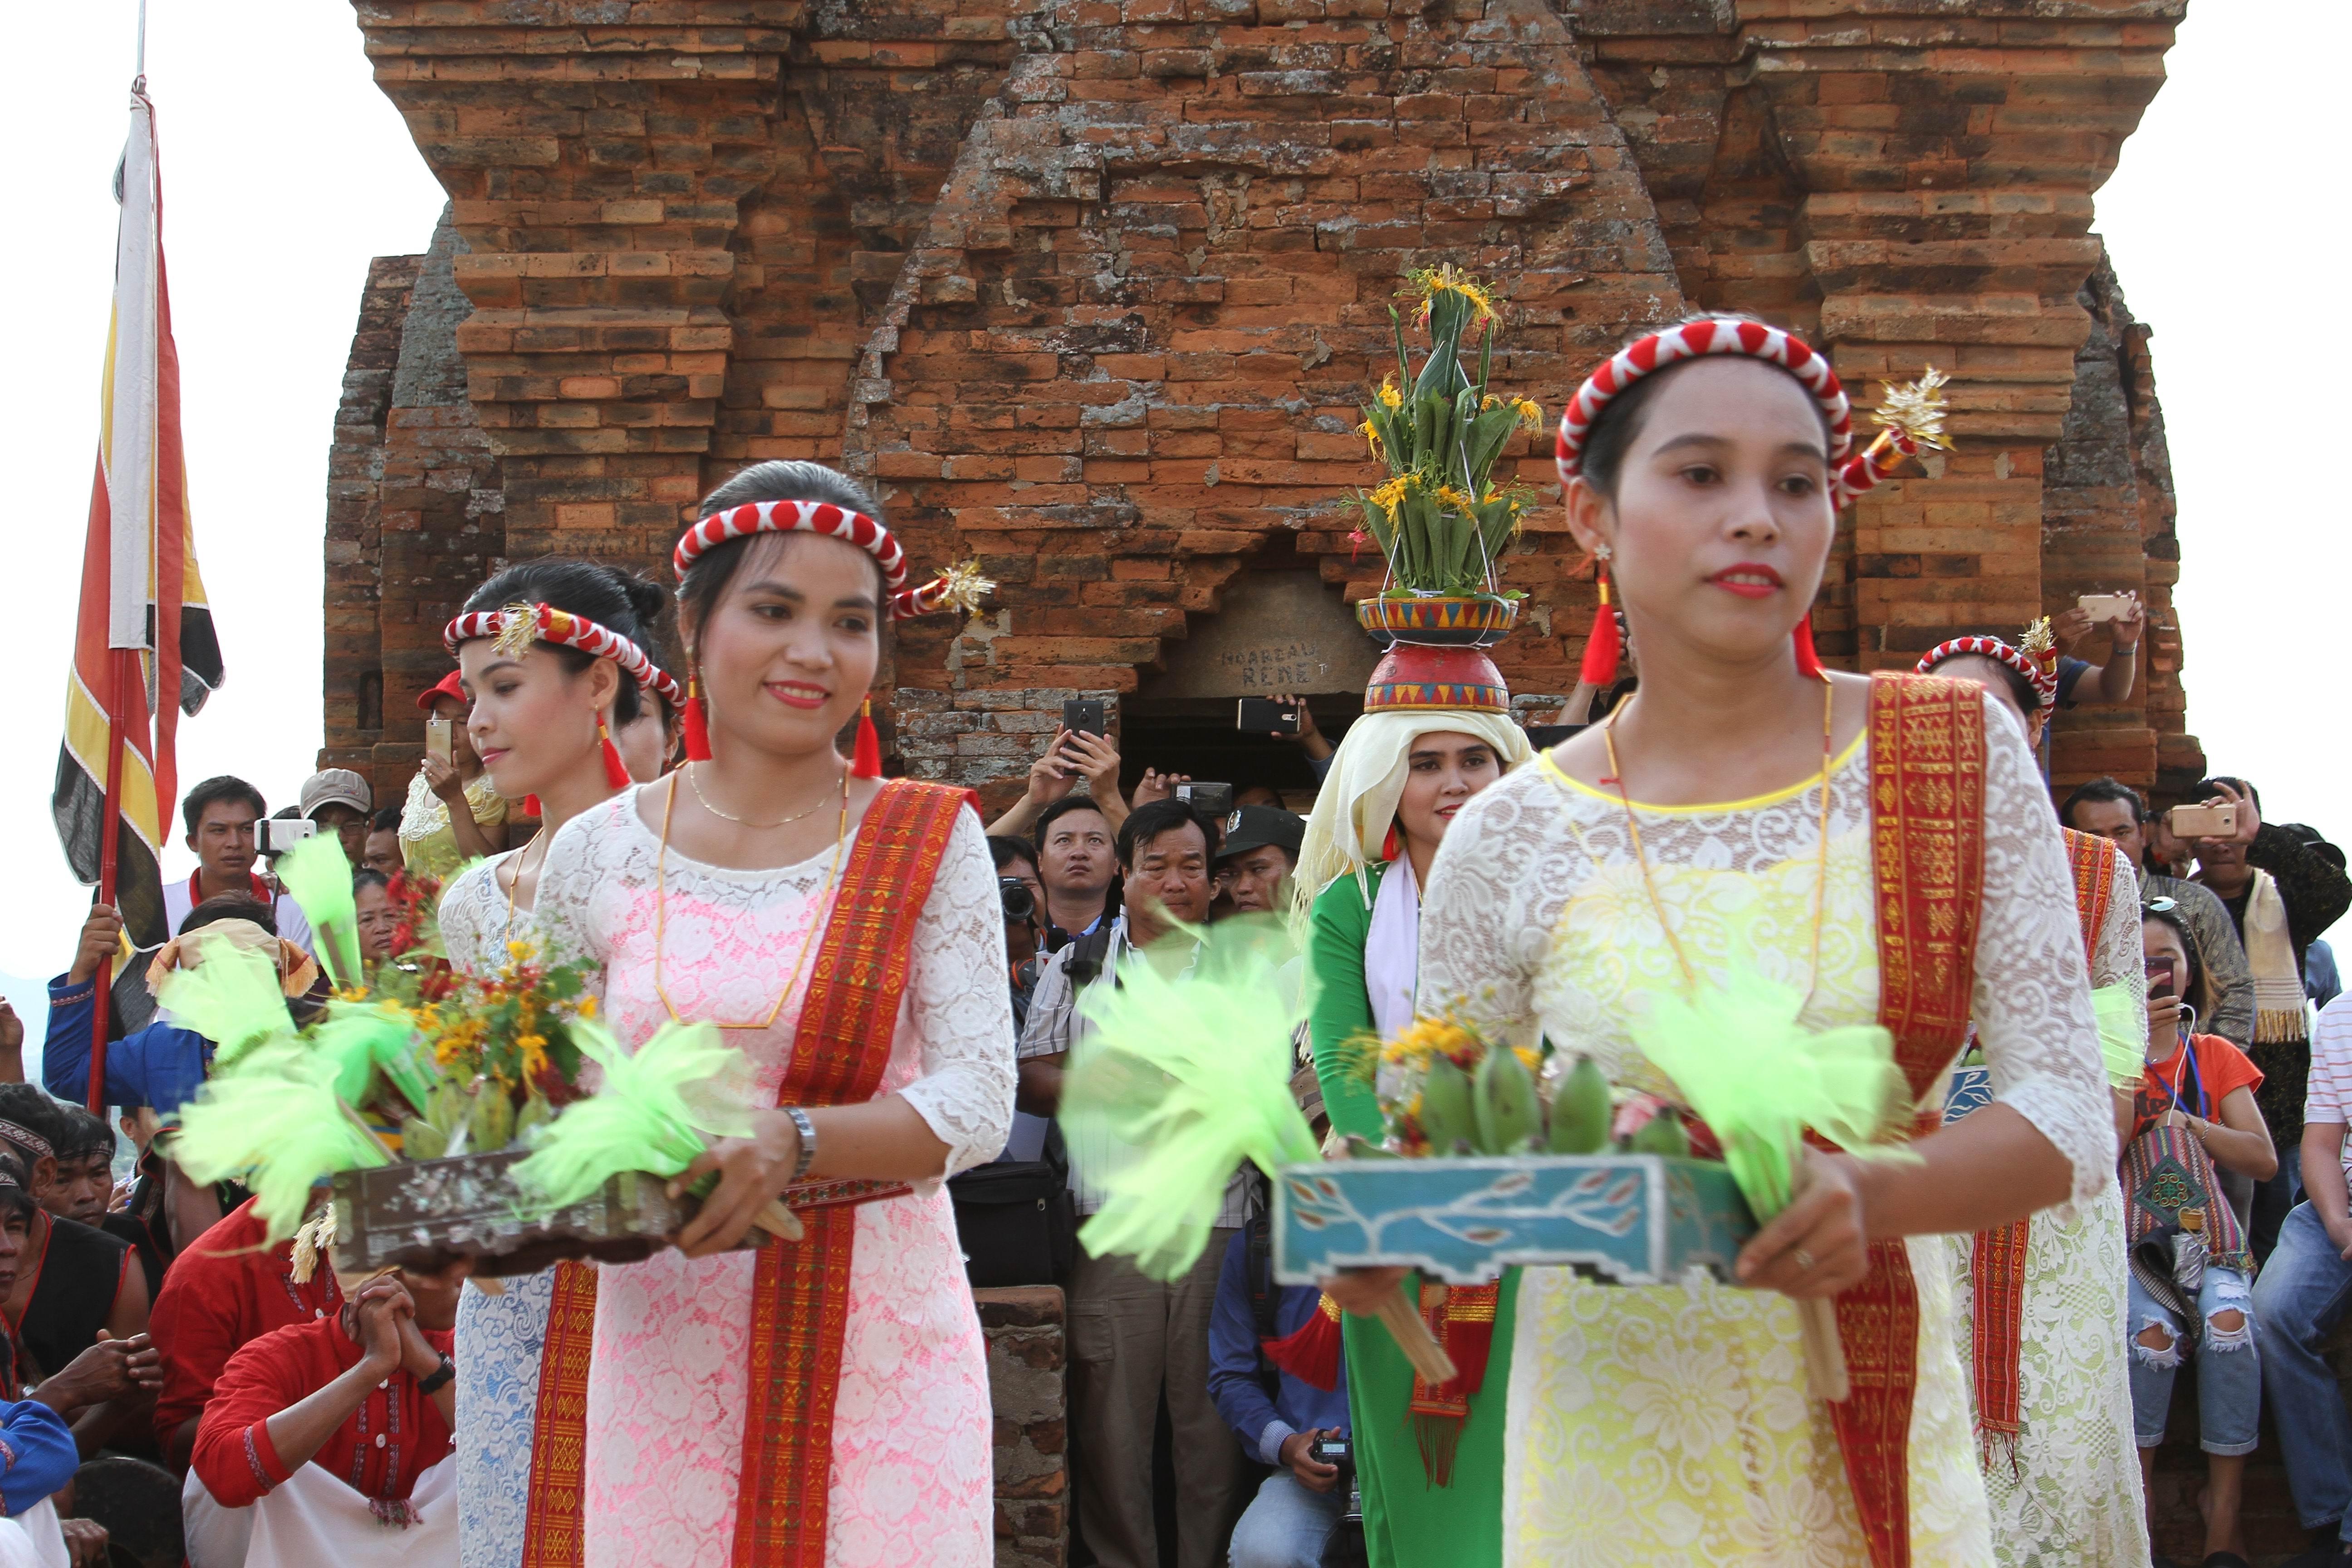 Các thiếu nữ Chăm biểu diễn múa dân gian trong ngày hội Katê.